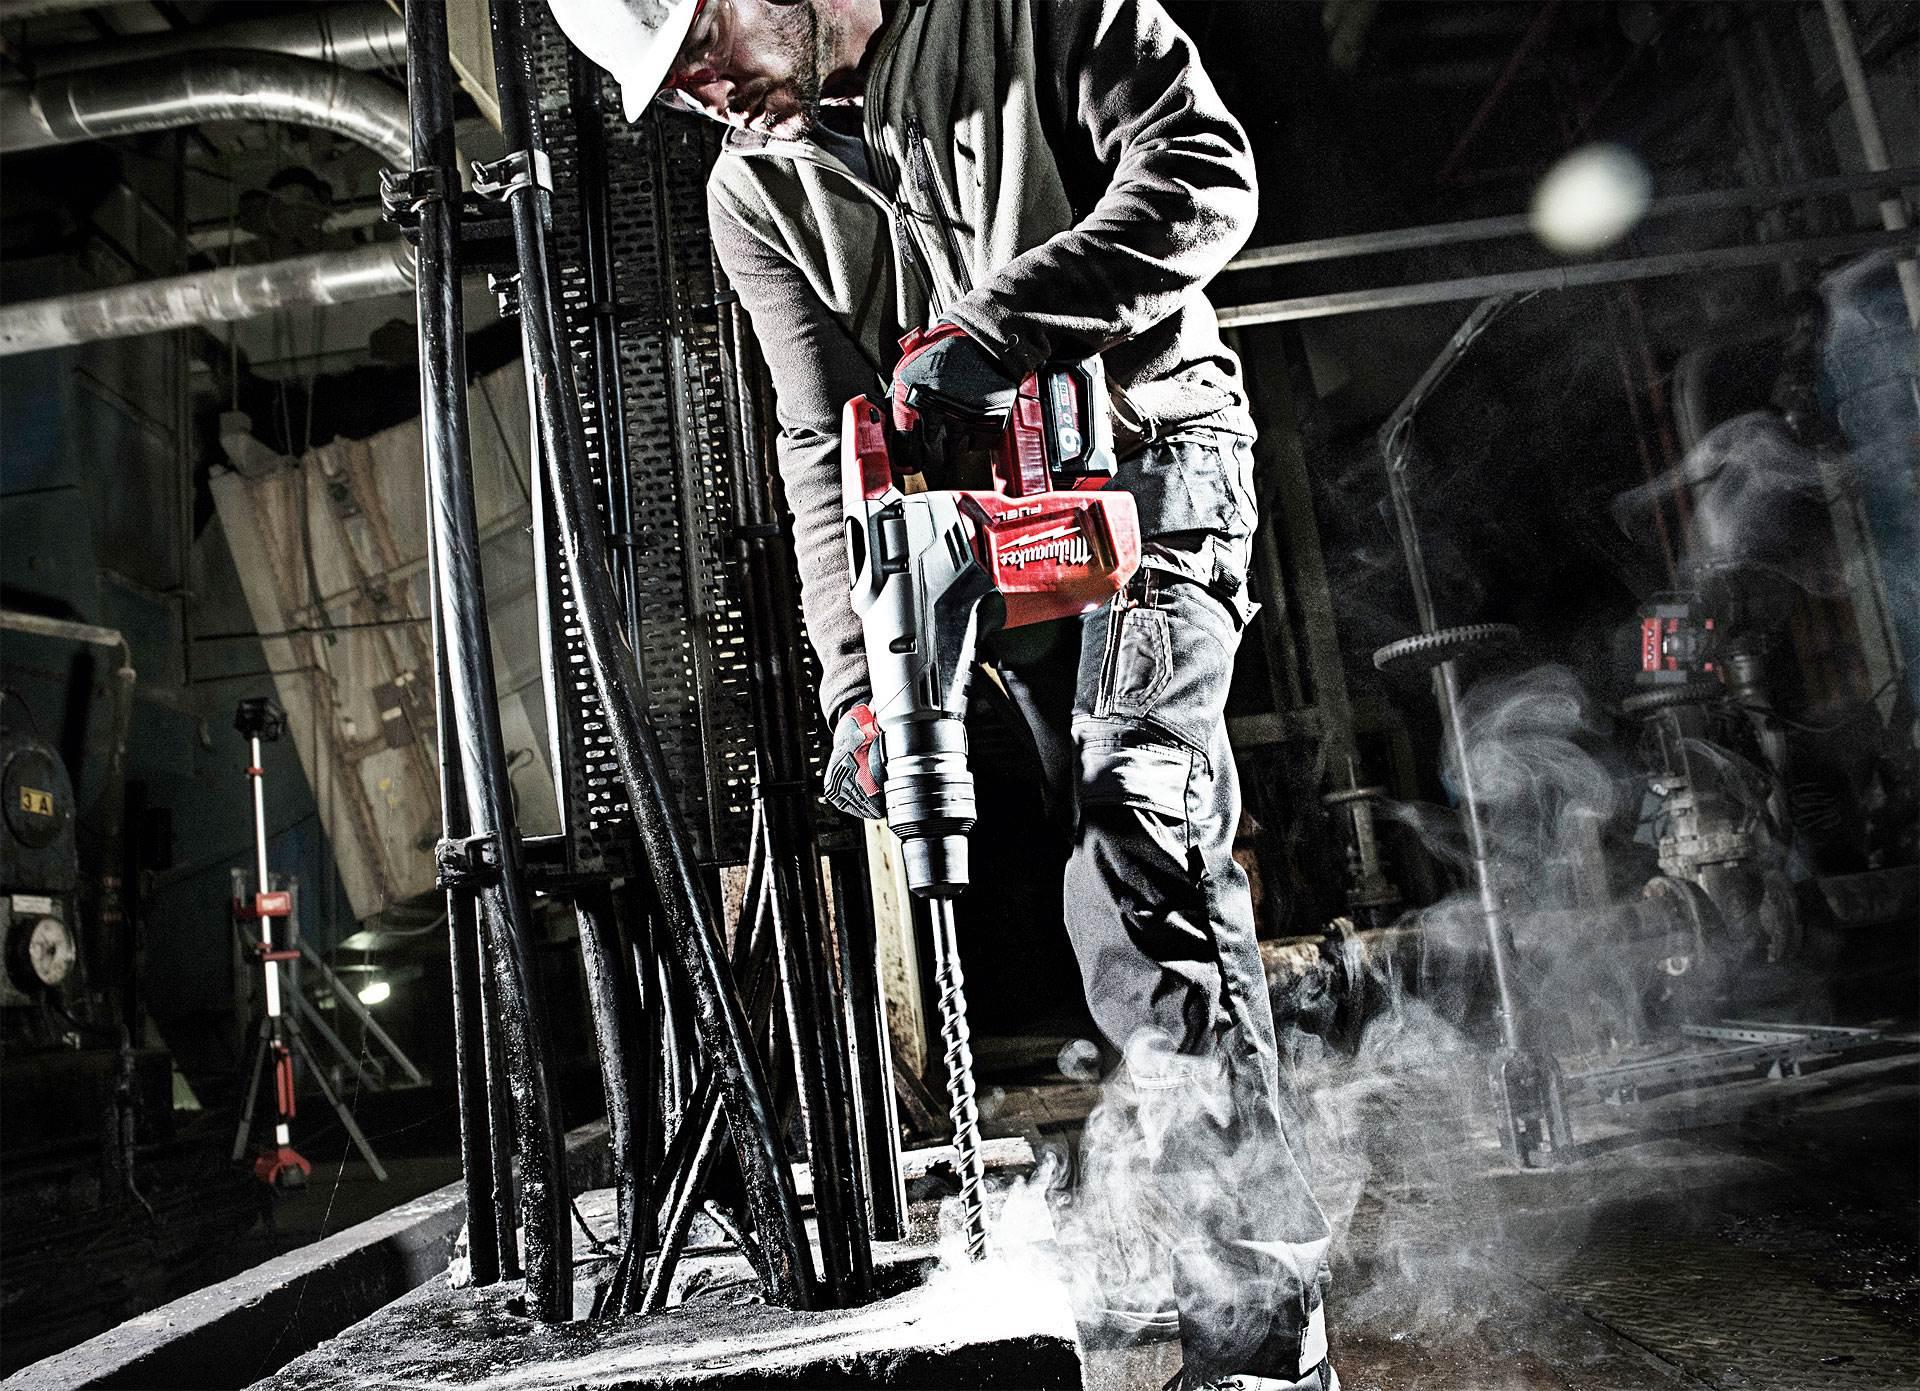 najwieksza bezprzewodowa moc od milwaukee - Największa bezprzewodowa moc od Milwaukee®